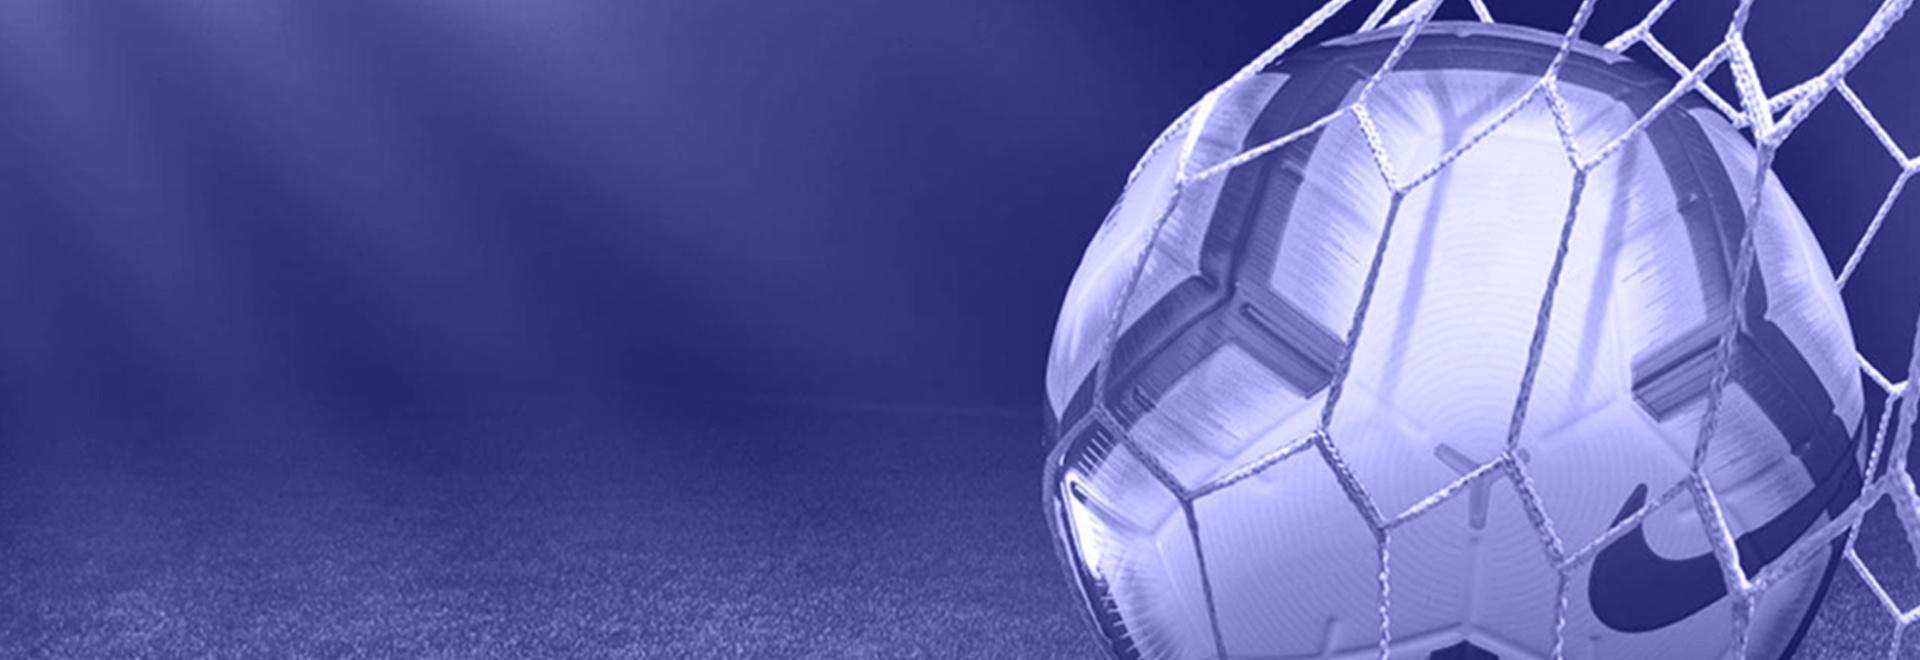 Juventus - Inter 08/03/20. 26a g.